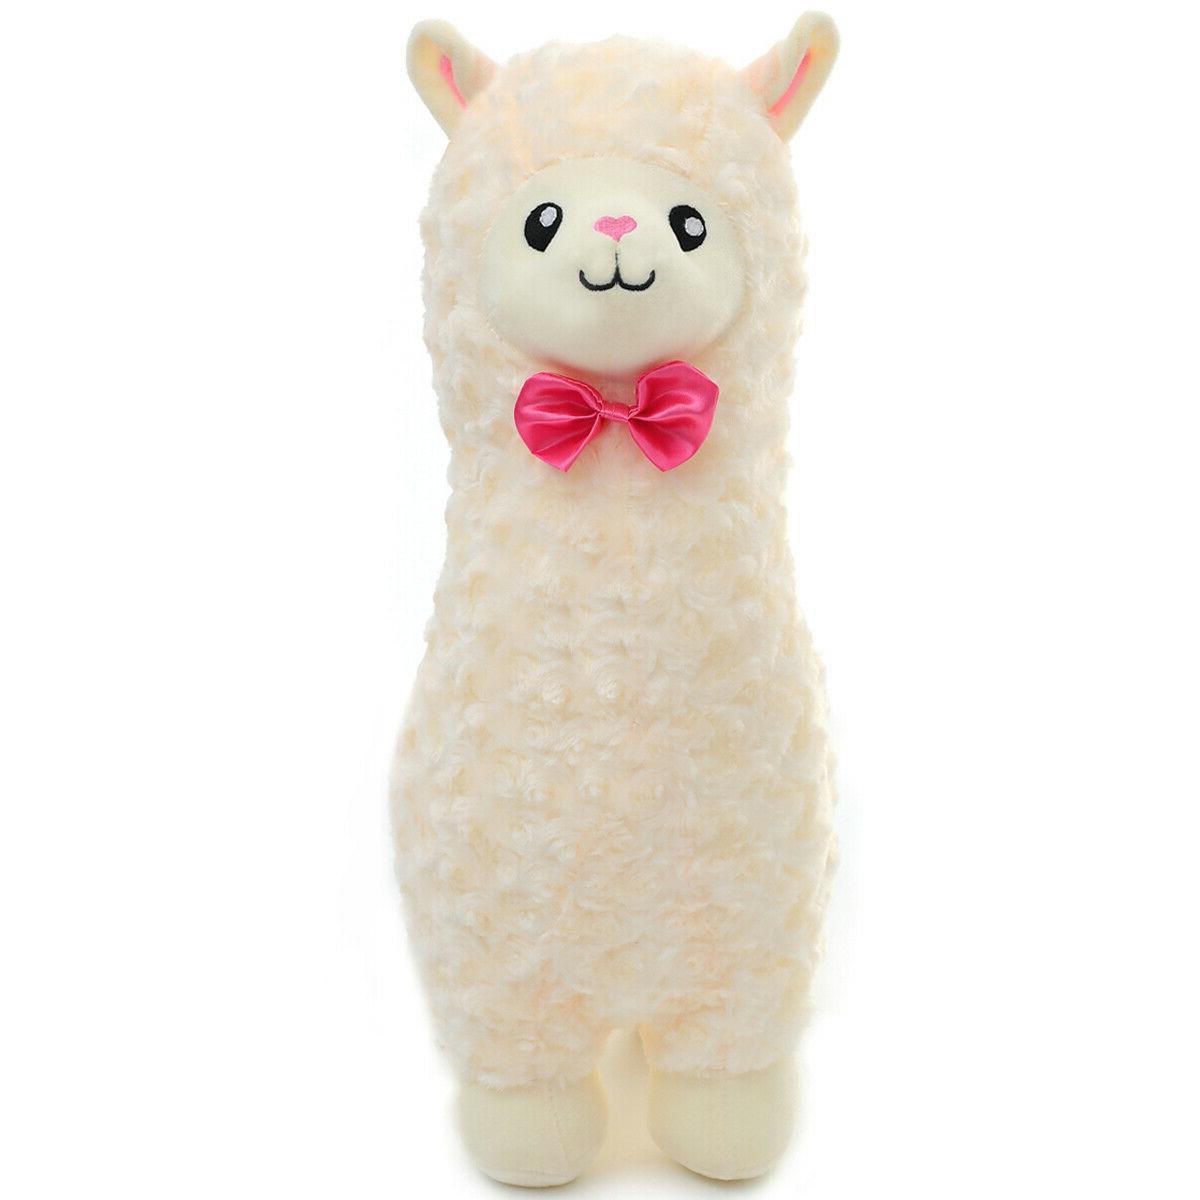 plush alpaca toy cuddly stuffed llama animal